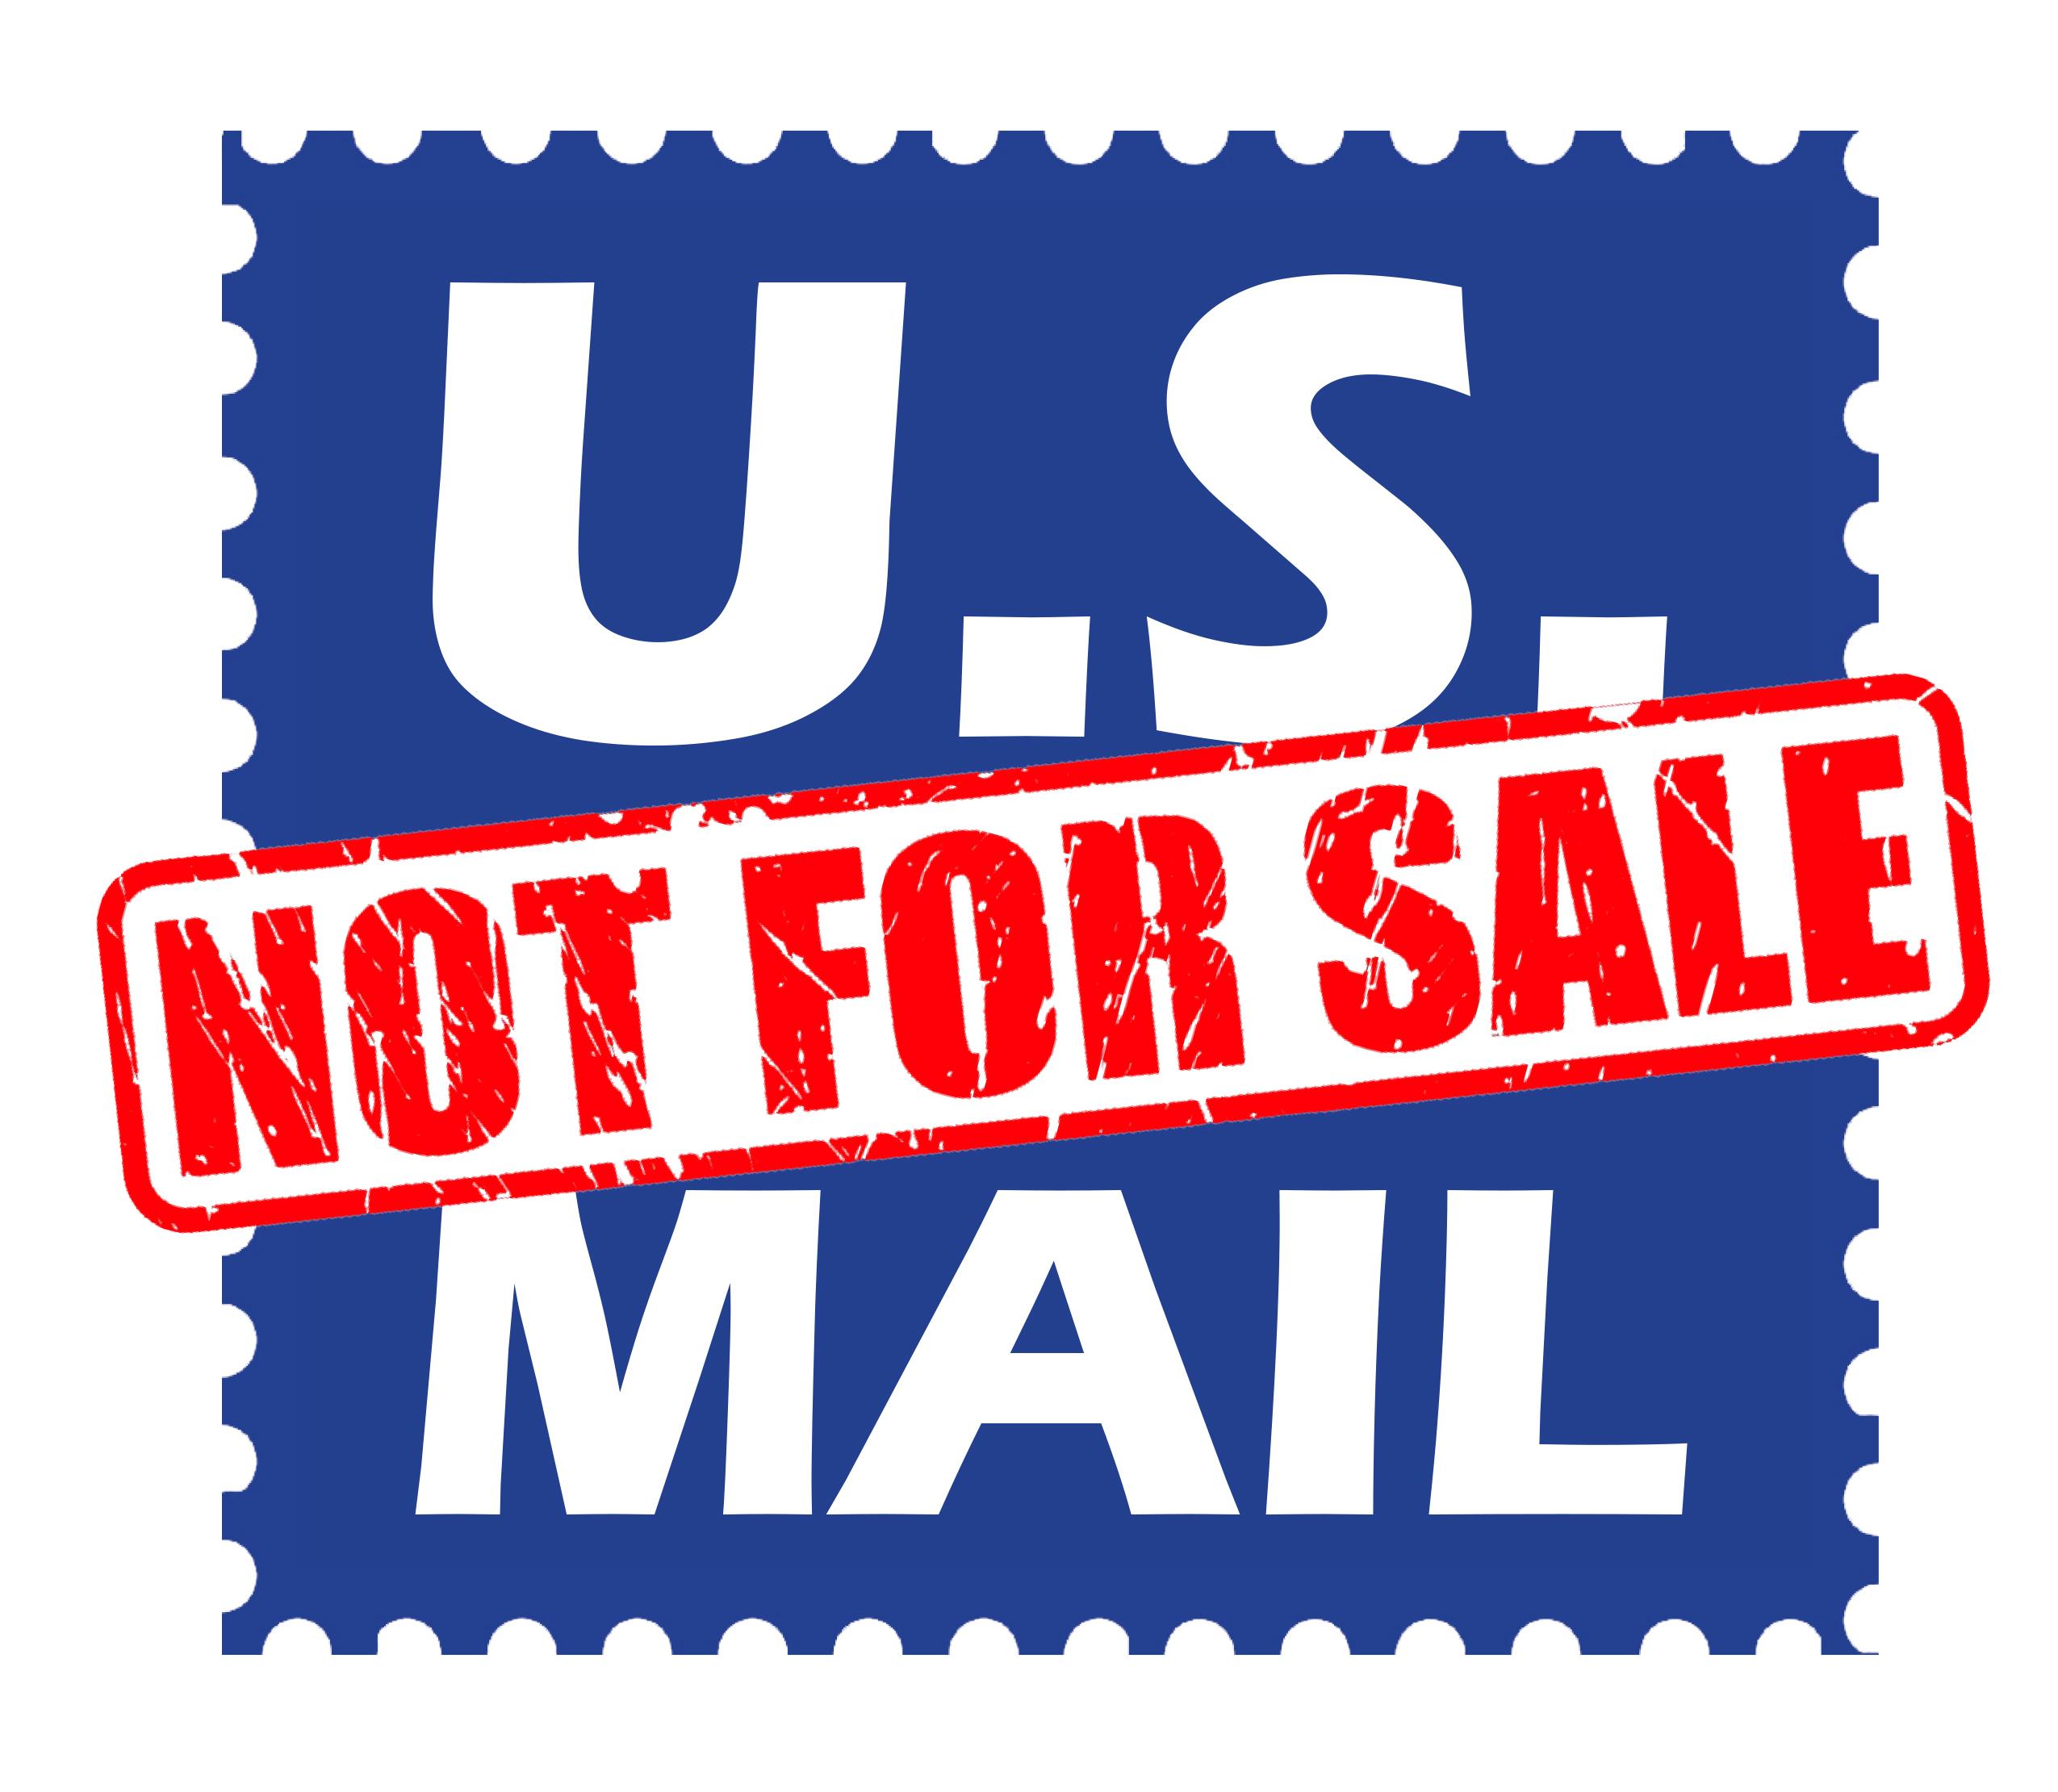 September 2018 Mail Handler Update National Postal Mail Handlers